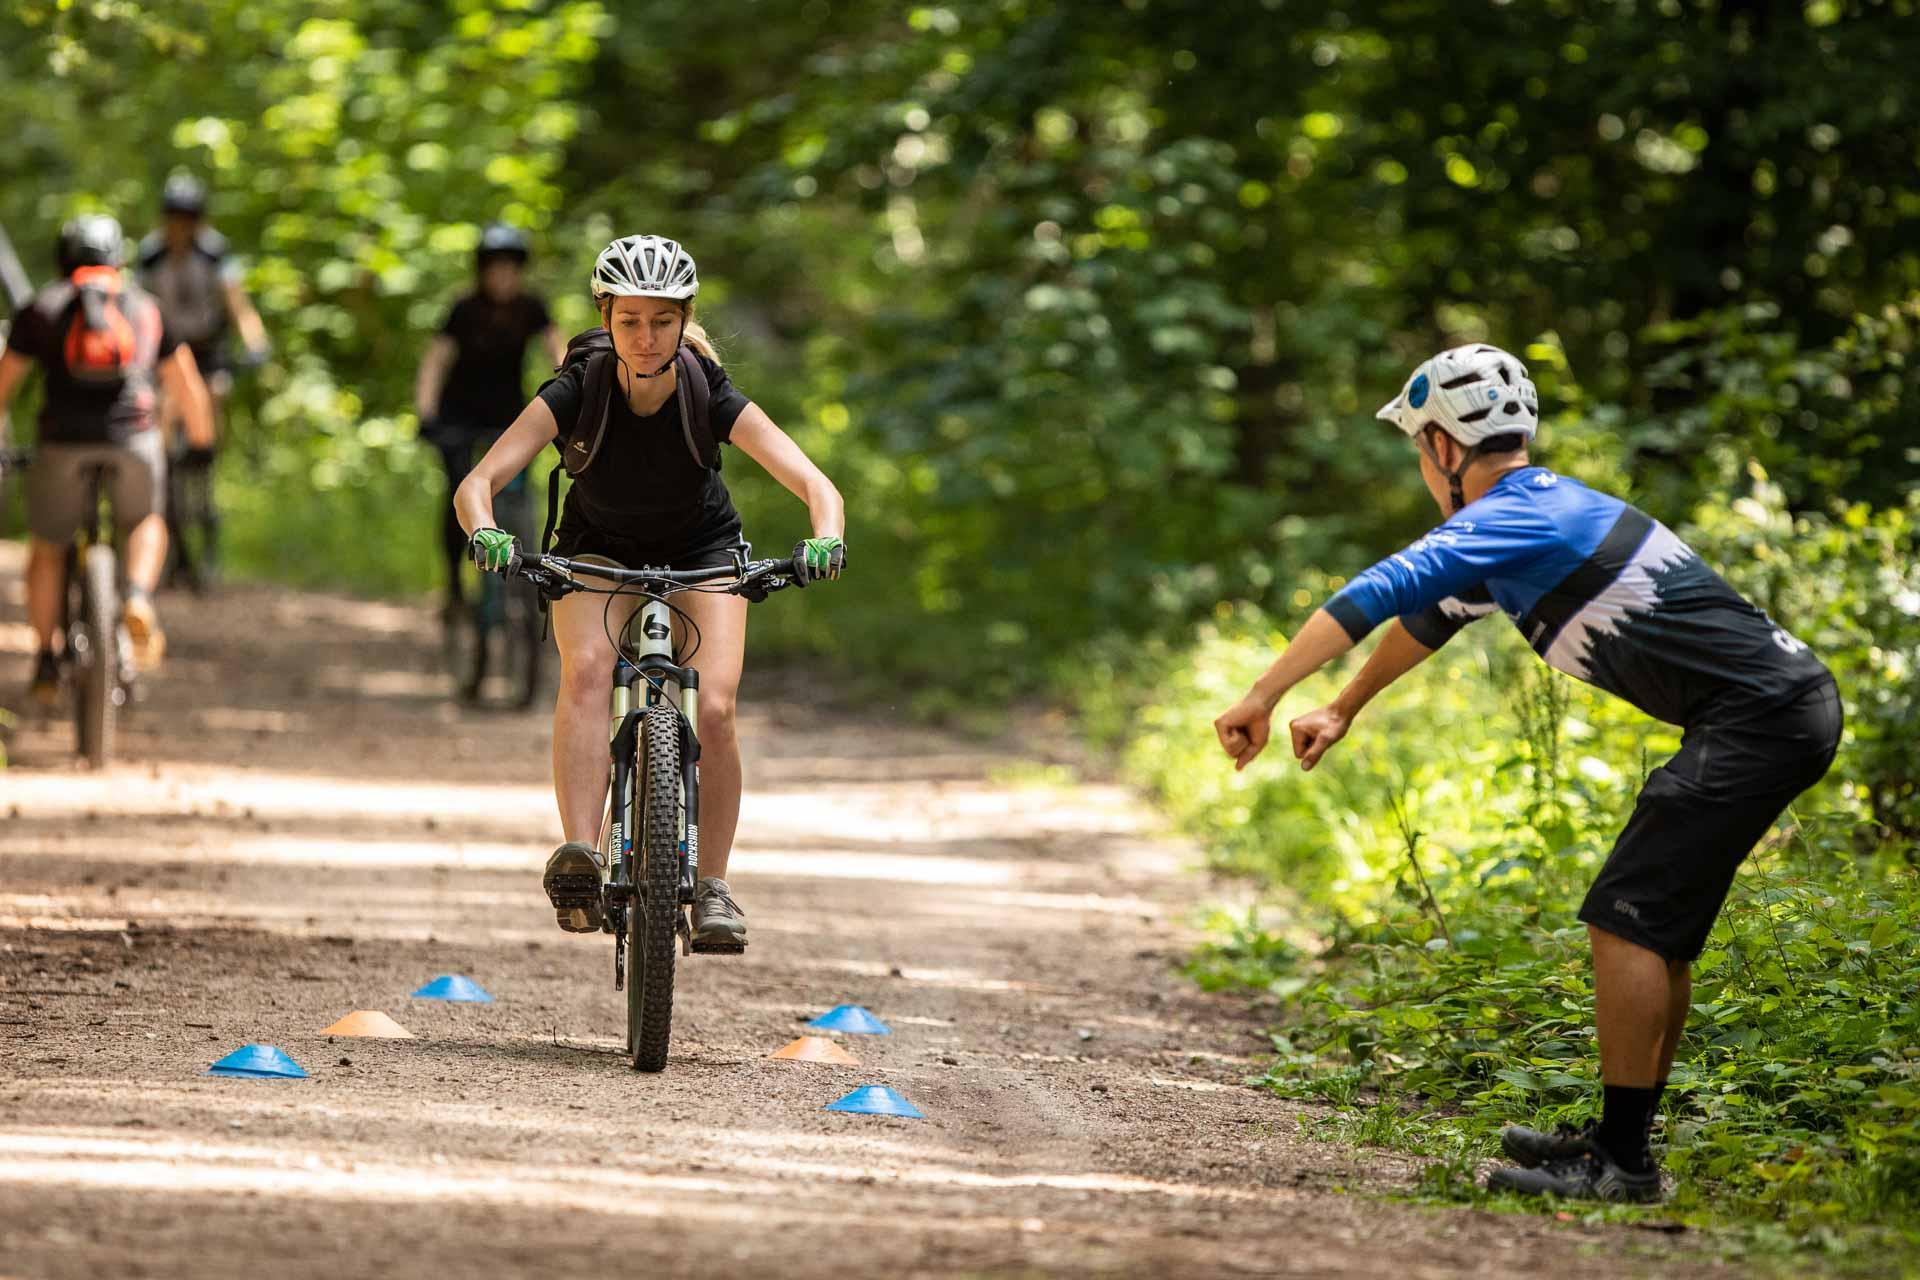 MTB Fahrtechnik Kurs für Einsteiger in Nürnberg - Mountainbike Basic - Rock my Trail Bikeschule32